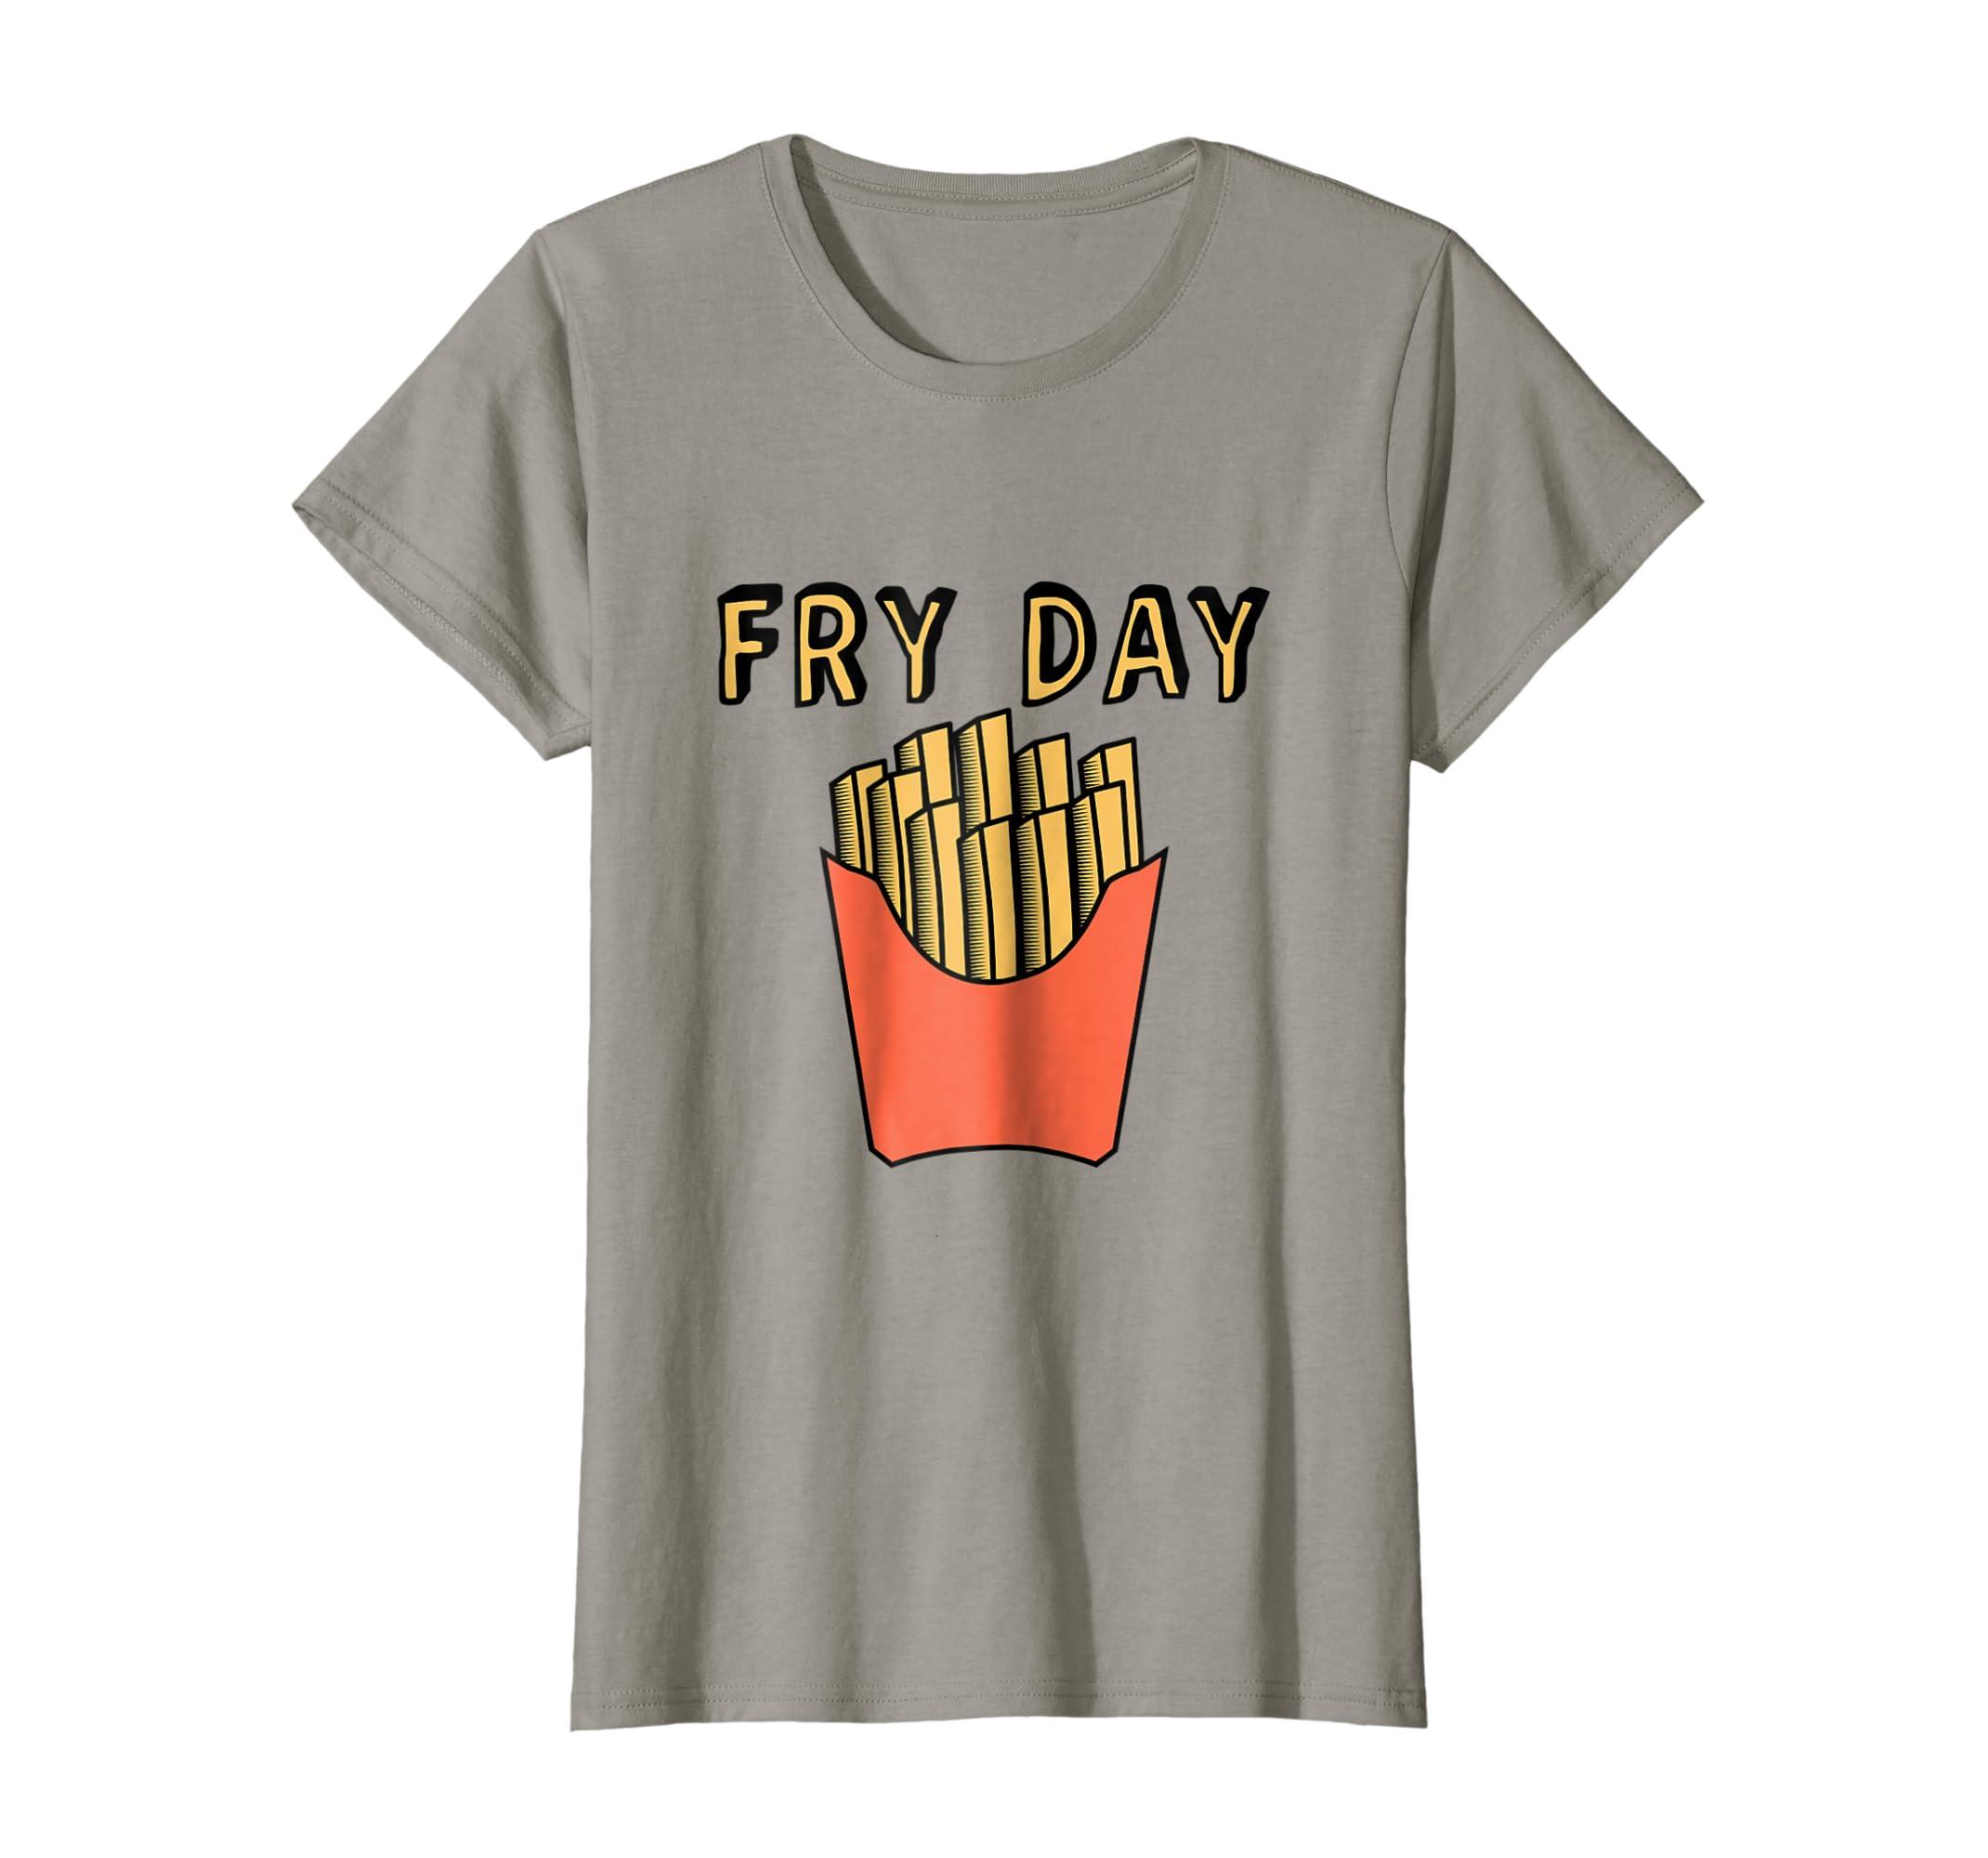 f192394cb135a Day shirt fun funny french fries clothing png 2140x2000 Mcd tee shirt